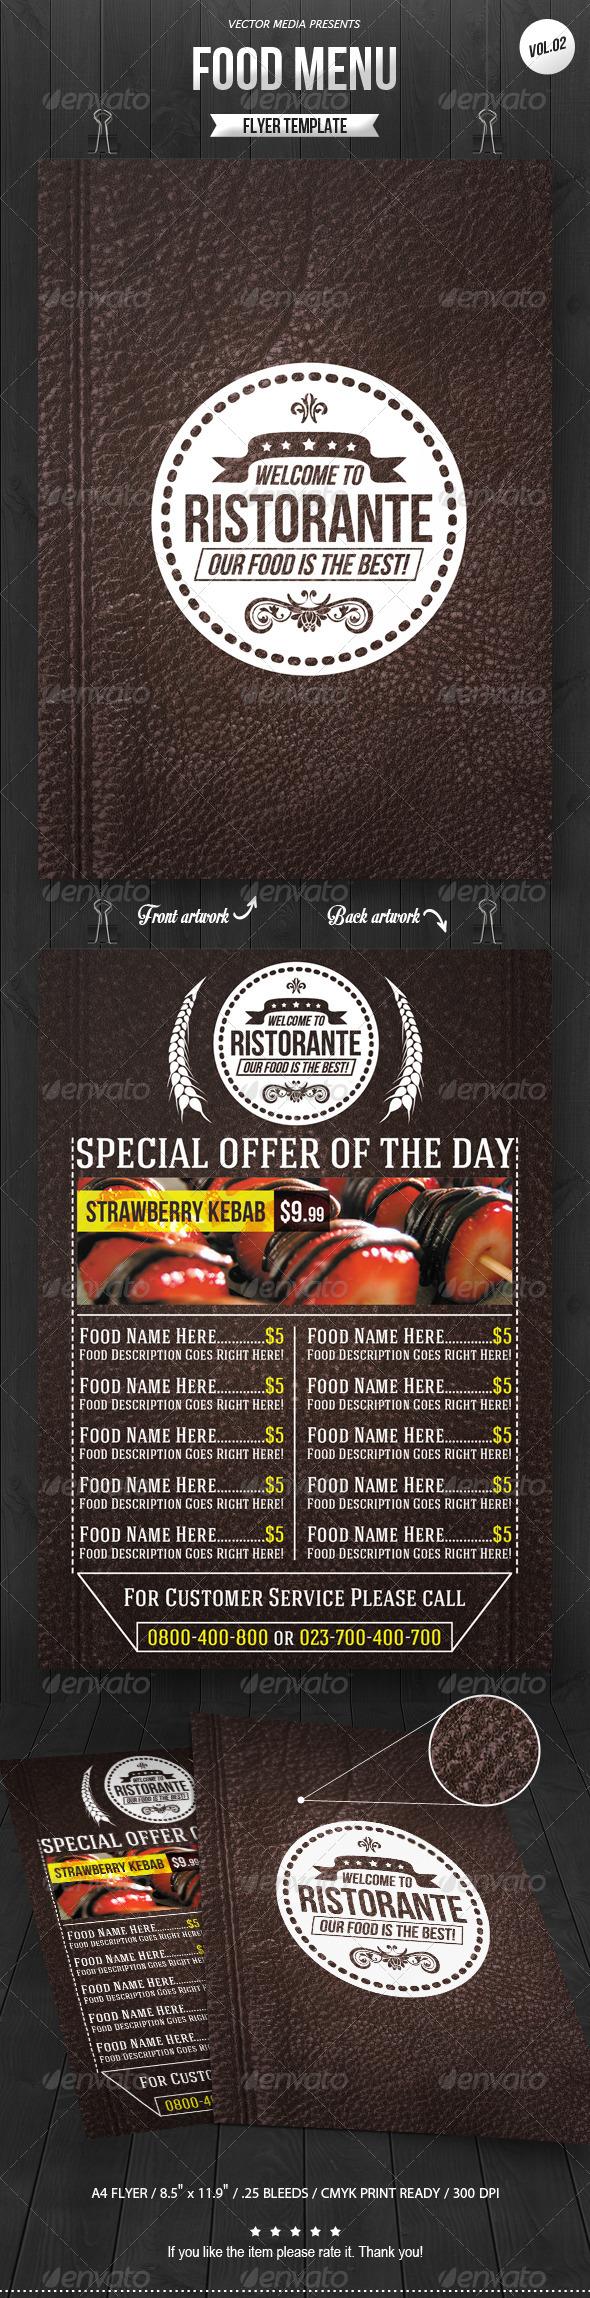 GraphicRiver Food Menu Flyer [Vol.2] 8037135